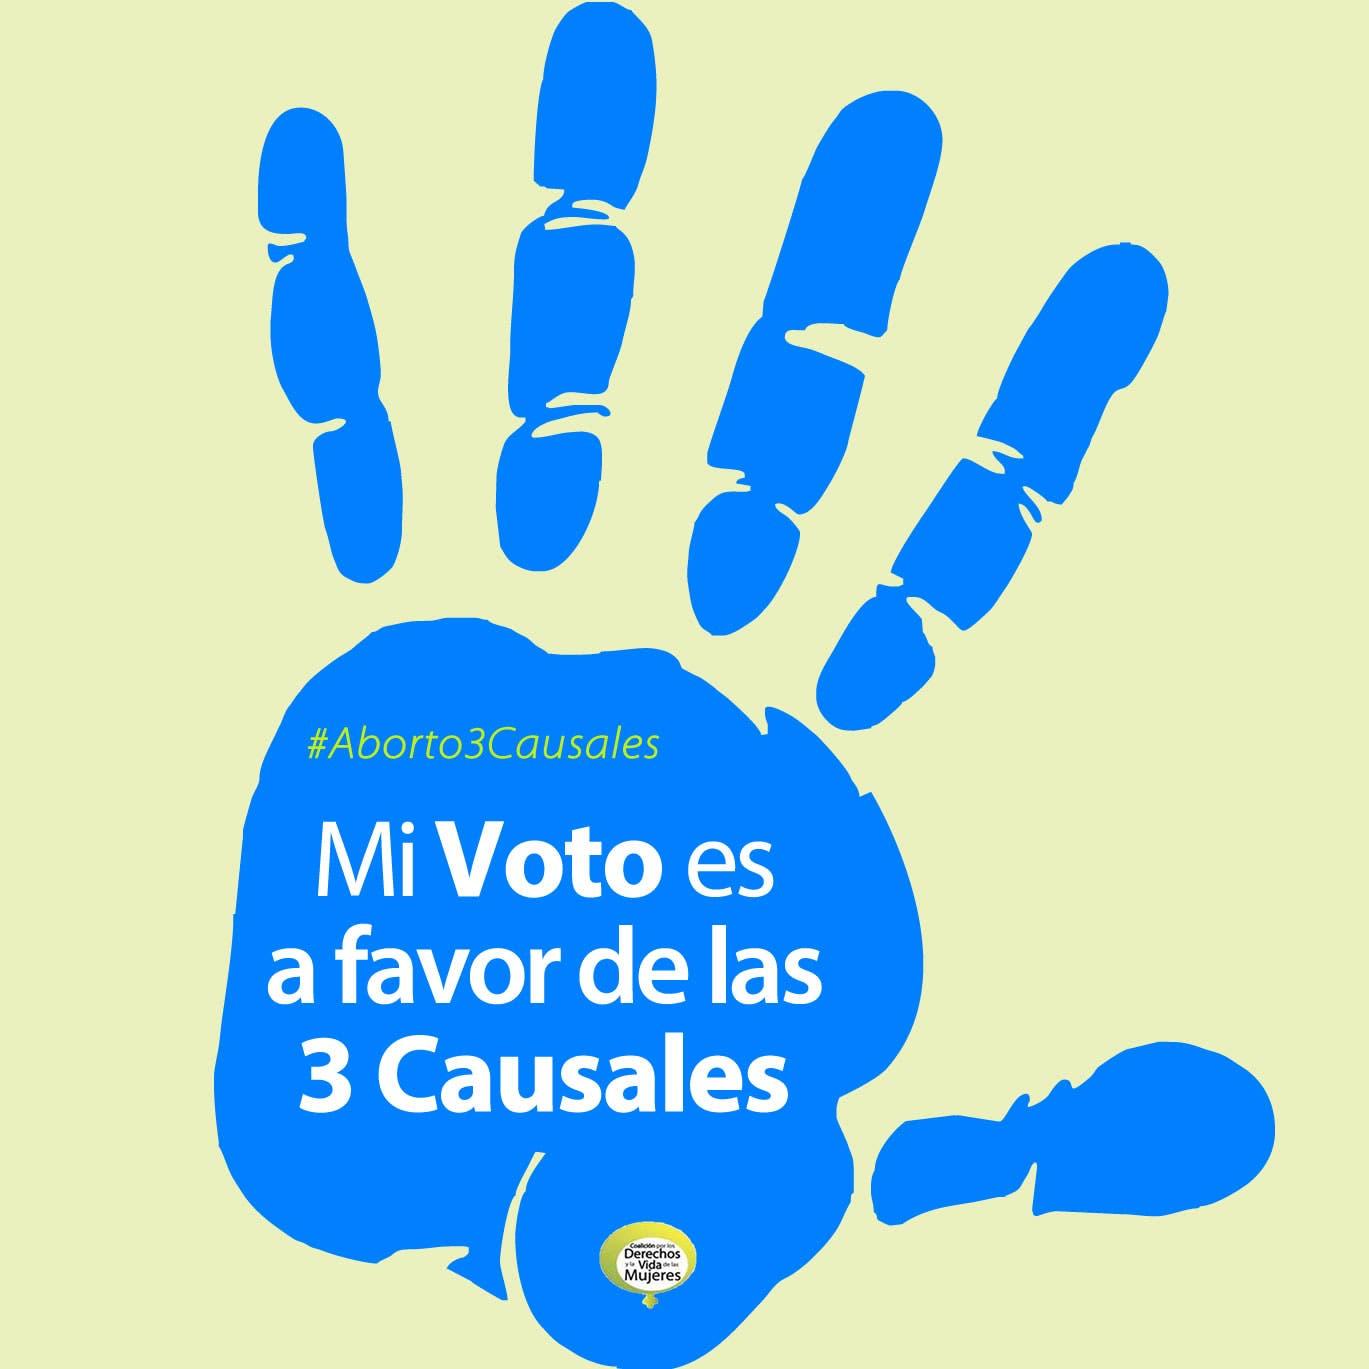 República Dominicana aún es uno de los cinco países que prohíbe el aborto bajo cualquier circunstancia, incluido casos de menores abusadas.